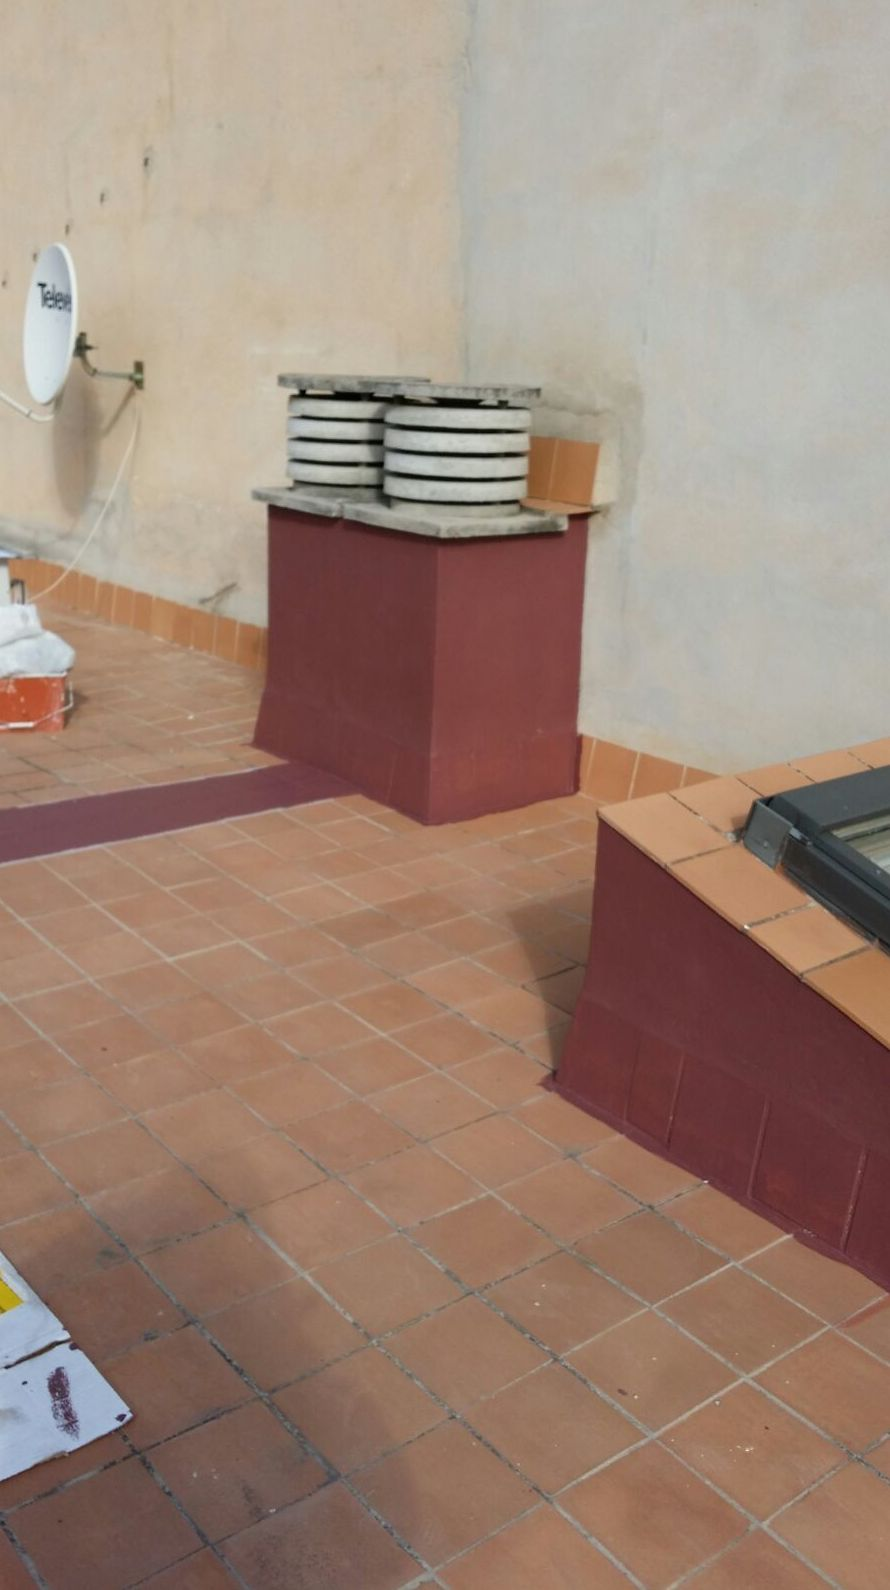 Impermeabilización Baleares http://www.multiservicioscosesdecasa.es/es/